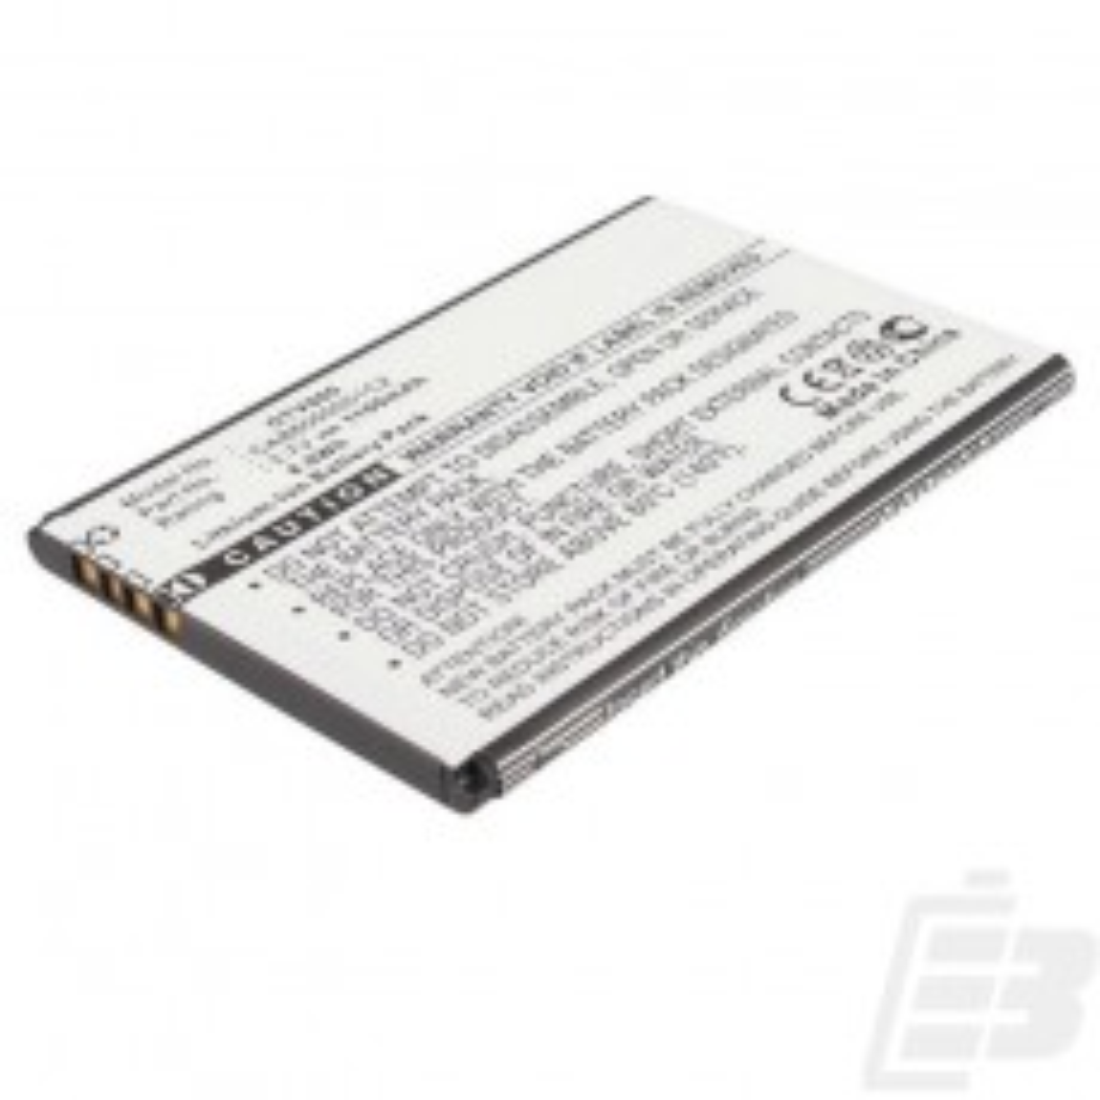 Μπαταρία smartphone Alcatel One Touch V860_1